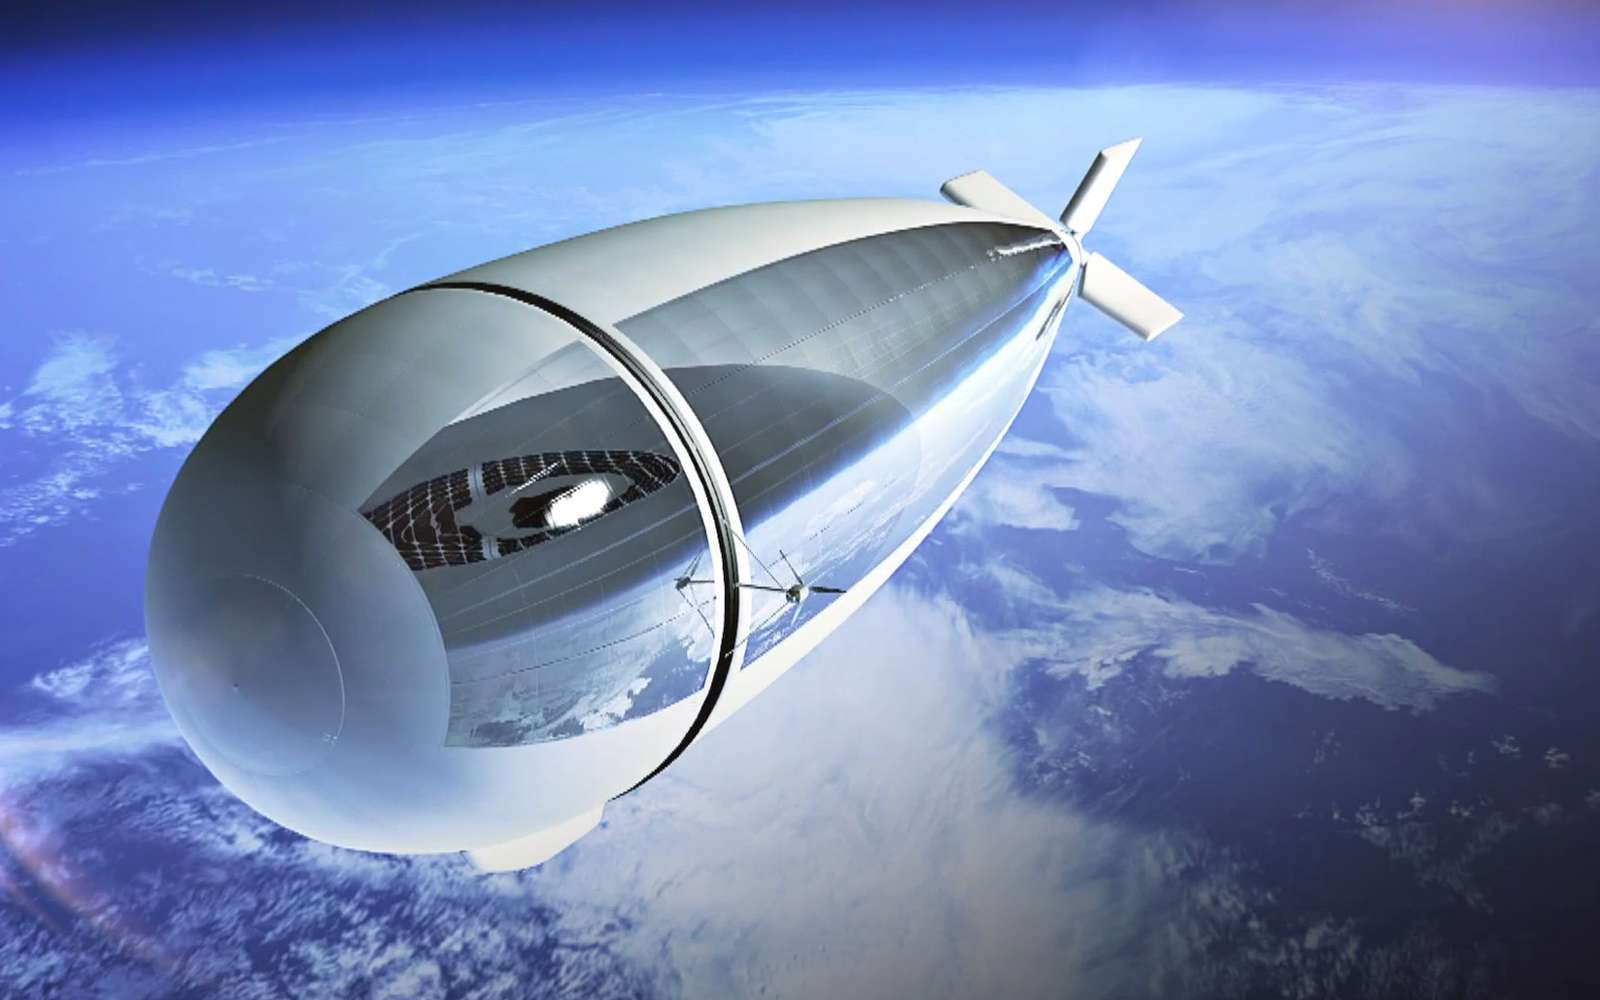 Le projet de plateforme stratosphérique Stratobus intéresse fortement la Direction générale de l'armement (DGA), ce qui laisse à penser qu'il a de fortes chances de voir le jour. Thales estime qu'une filière industrielle pourrait être créée d'ici cinq ans. © Thales Alenia Space, Master Image Productions